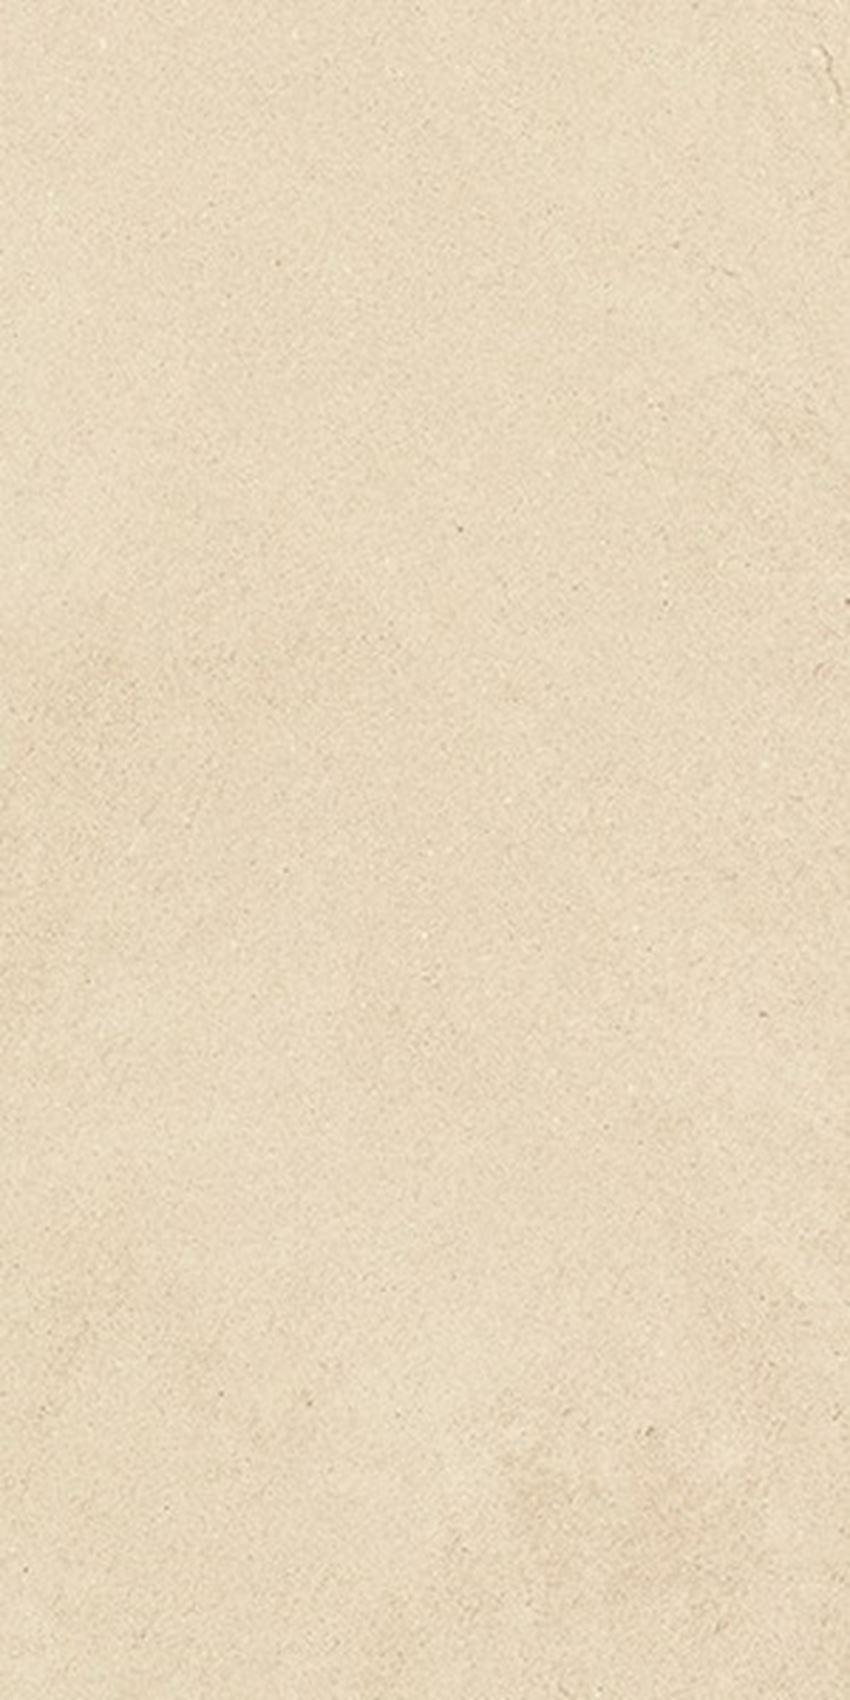 Płytka uniwersalna poler 29,7x59,7 cm Nowa Gala Vario VR 02